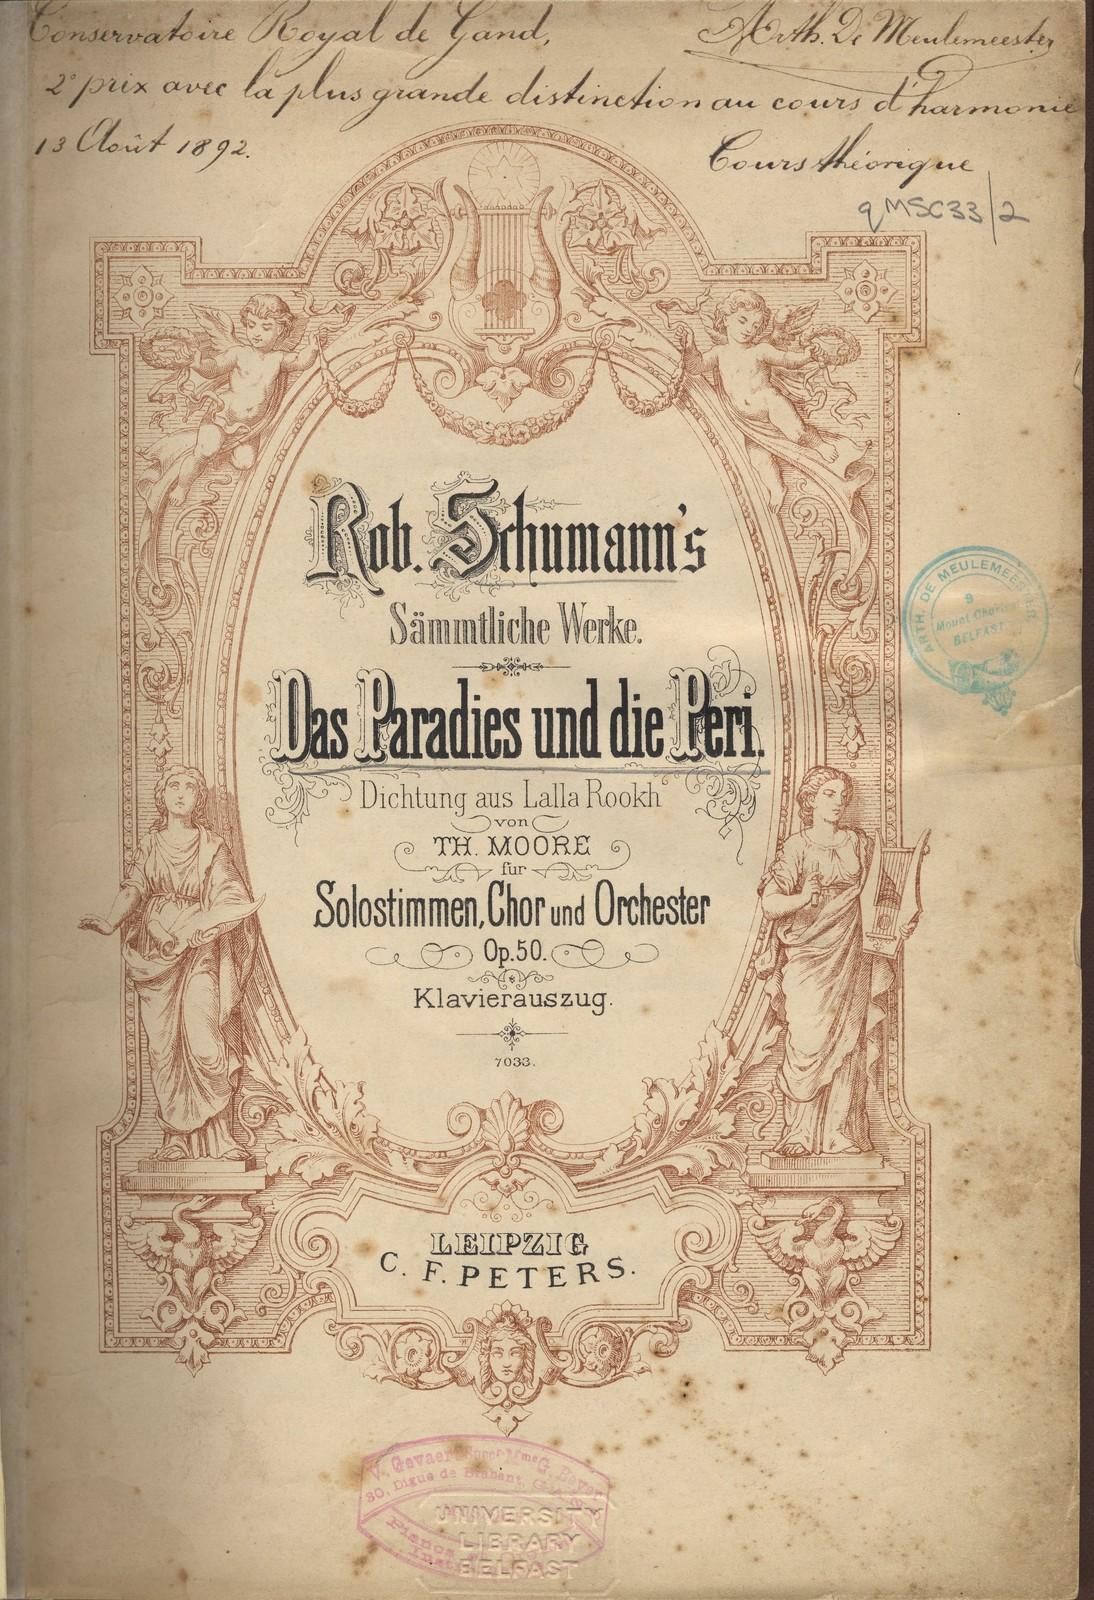 Robert Schumann, Das Paradies und die Peri